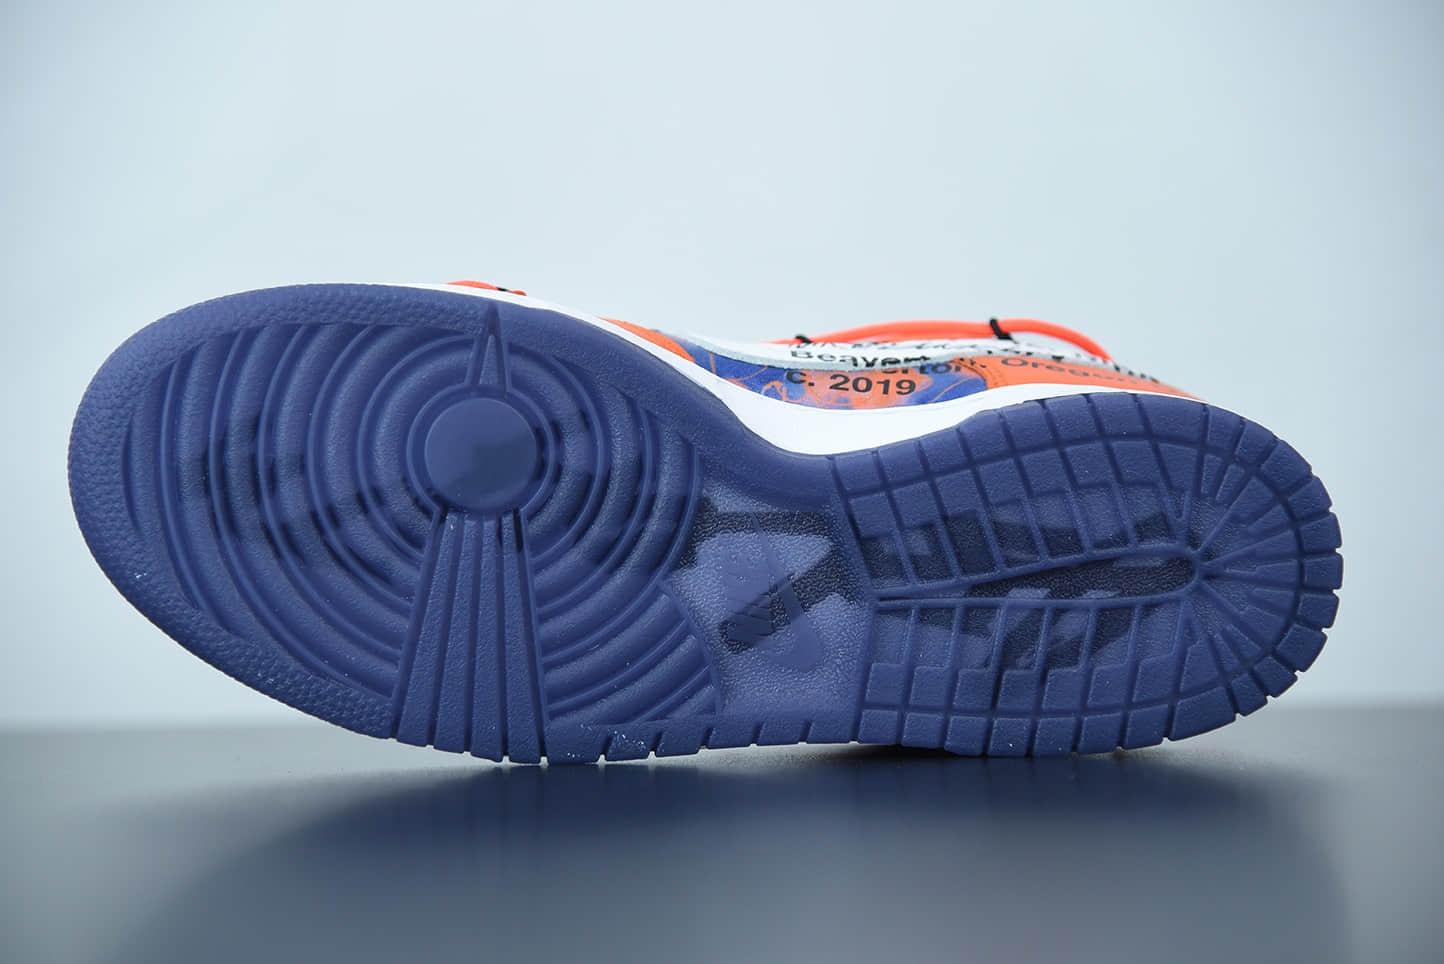 耐克Futura x Nike SB Dunk LowUNC BlueWhite OW北卡蓝白亮橘扎染扣篮系列低帮经典百搭休闲运动板鞋纯原版本 货号:DD0856-801